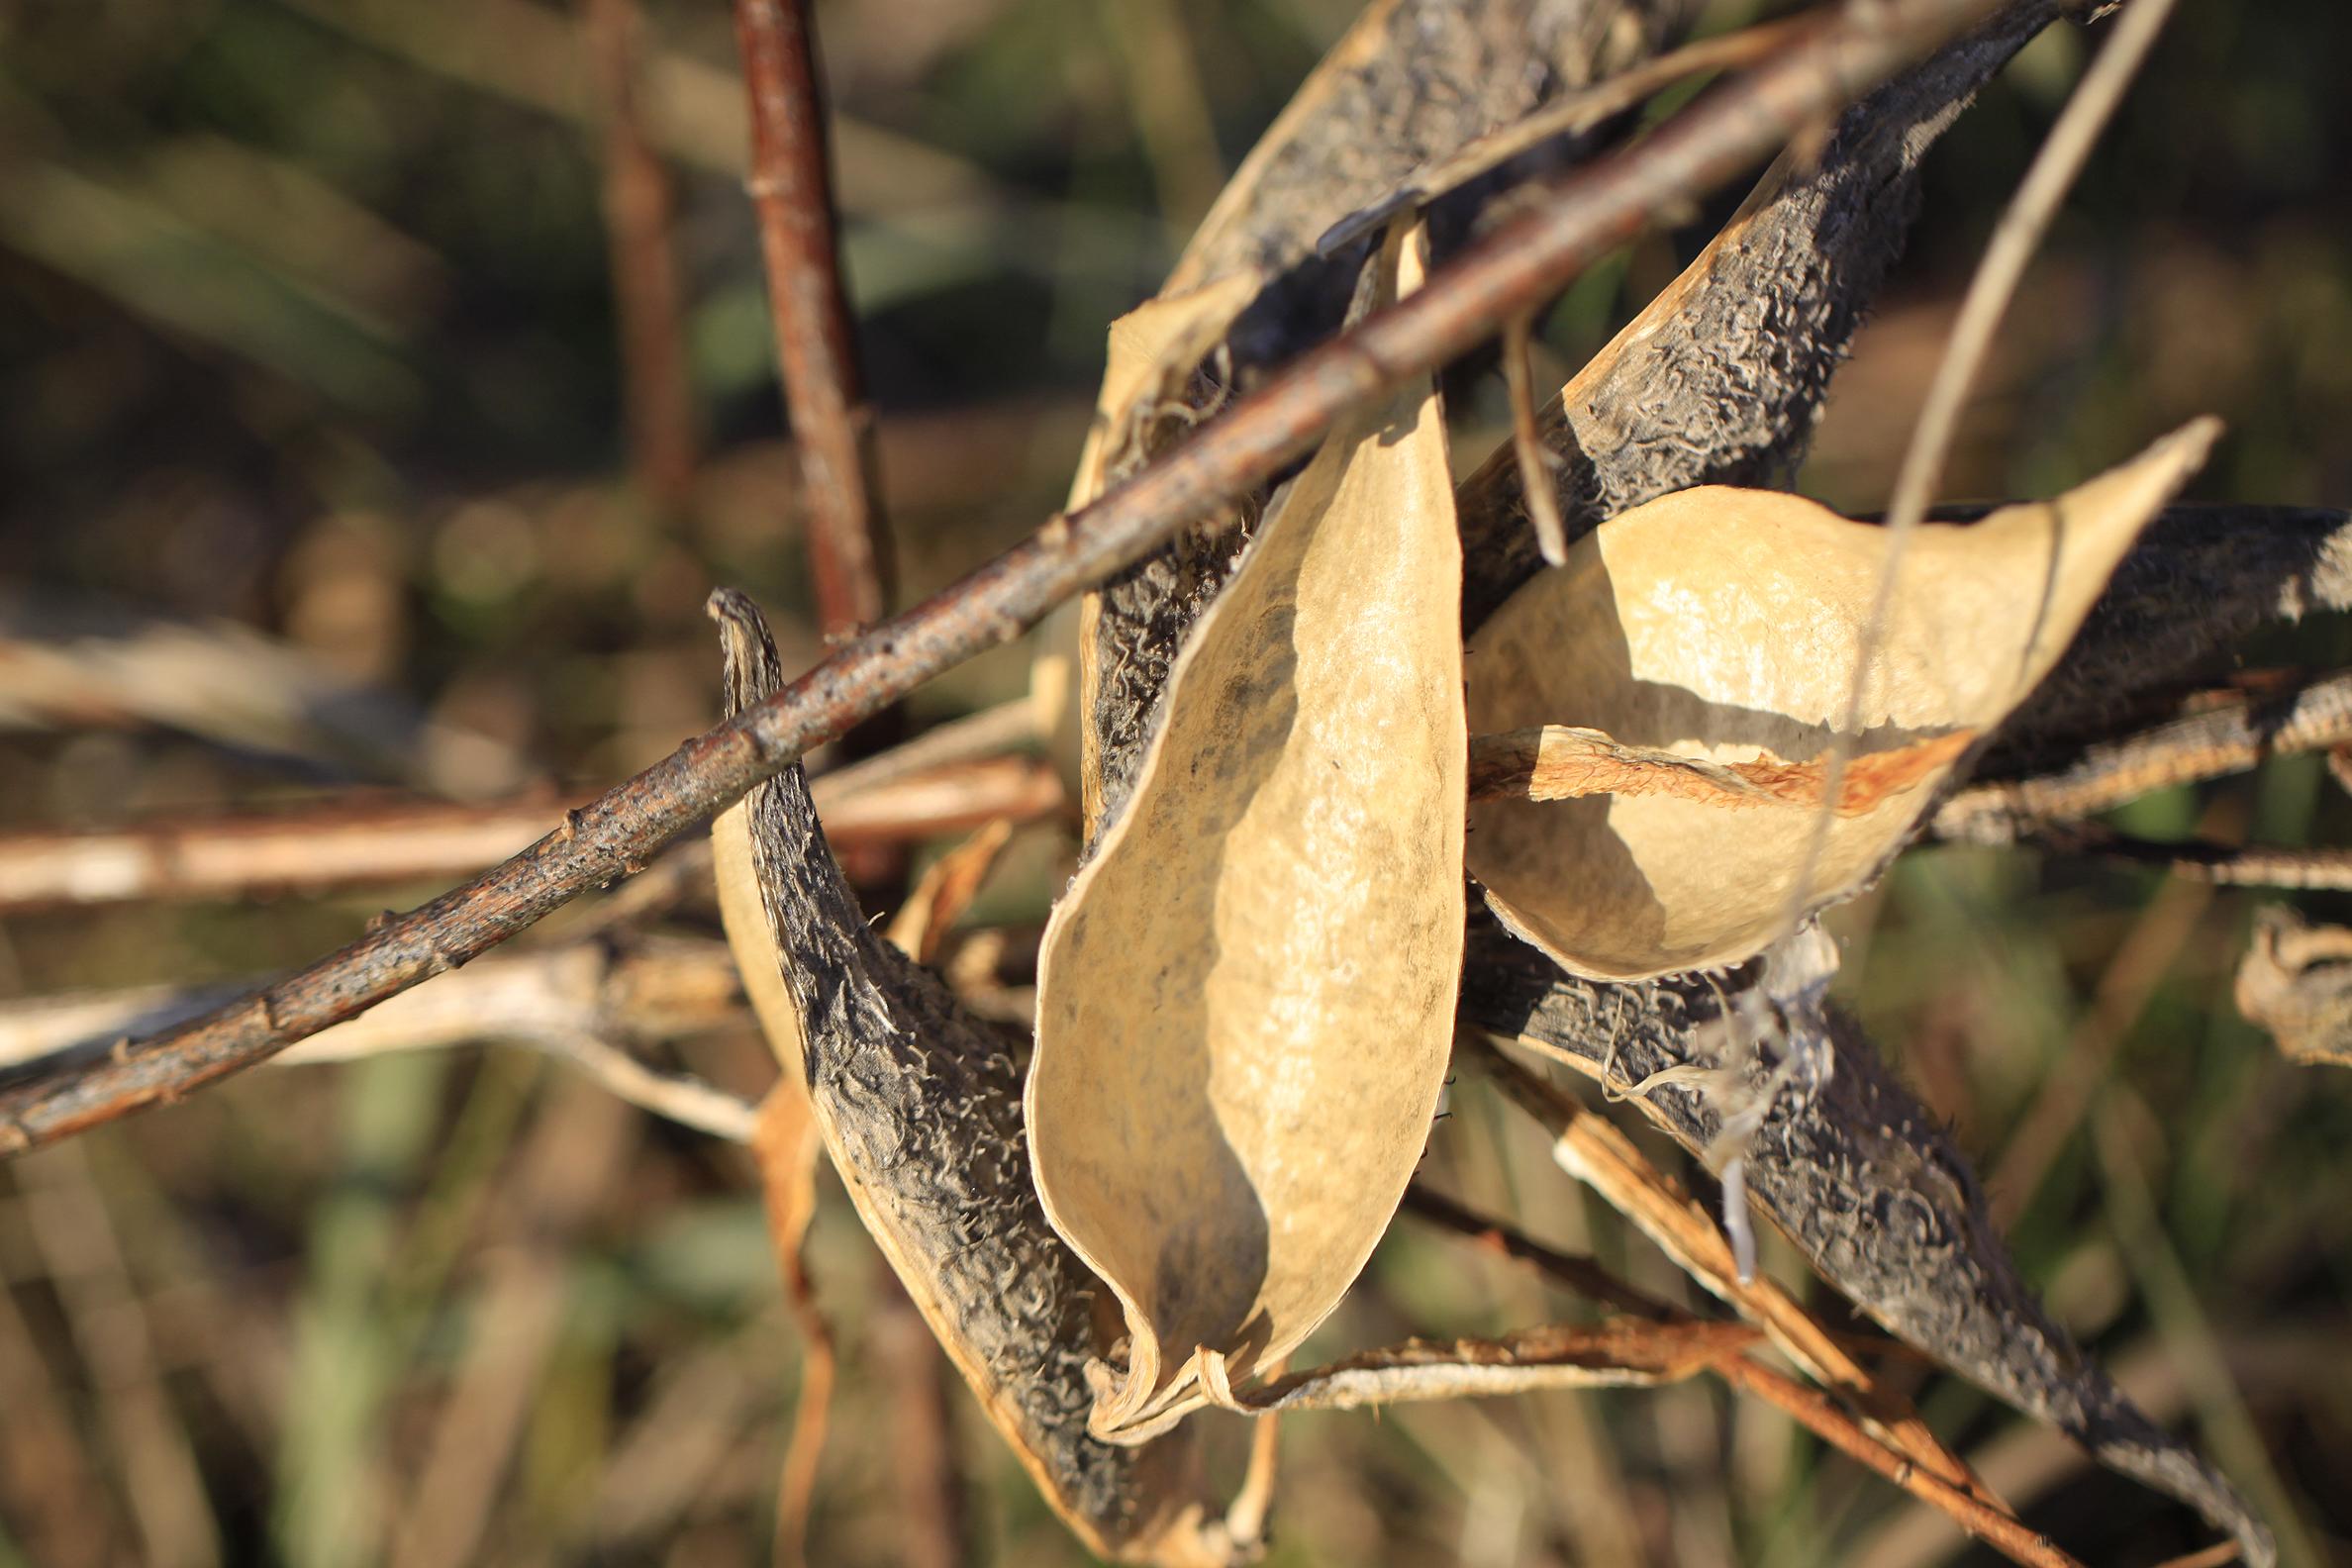 milkweed pods empty